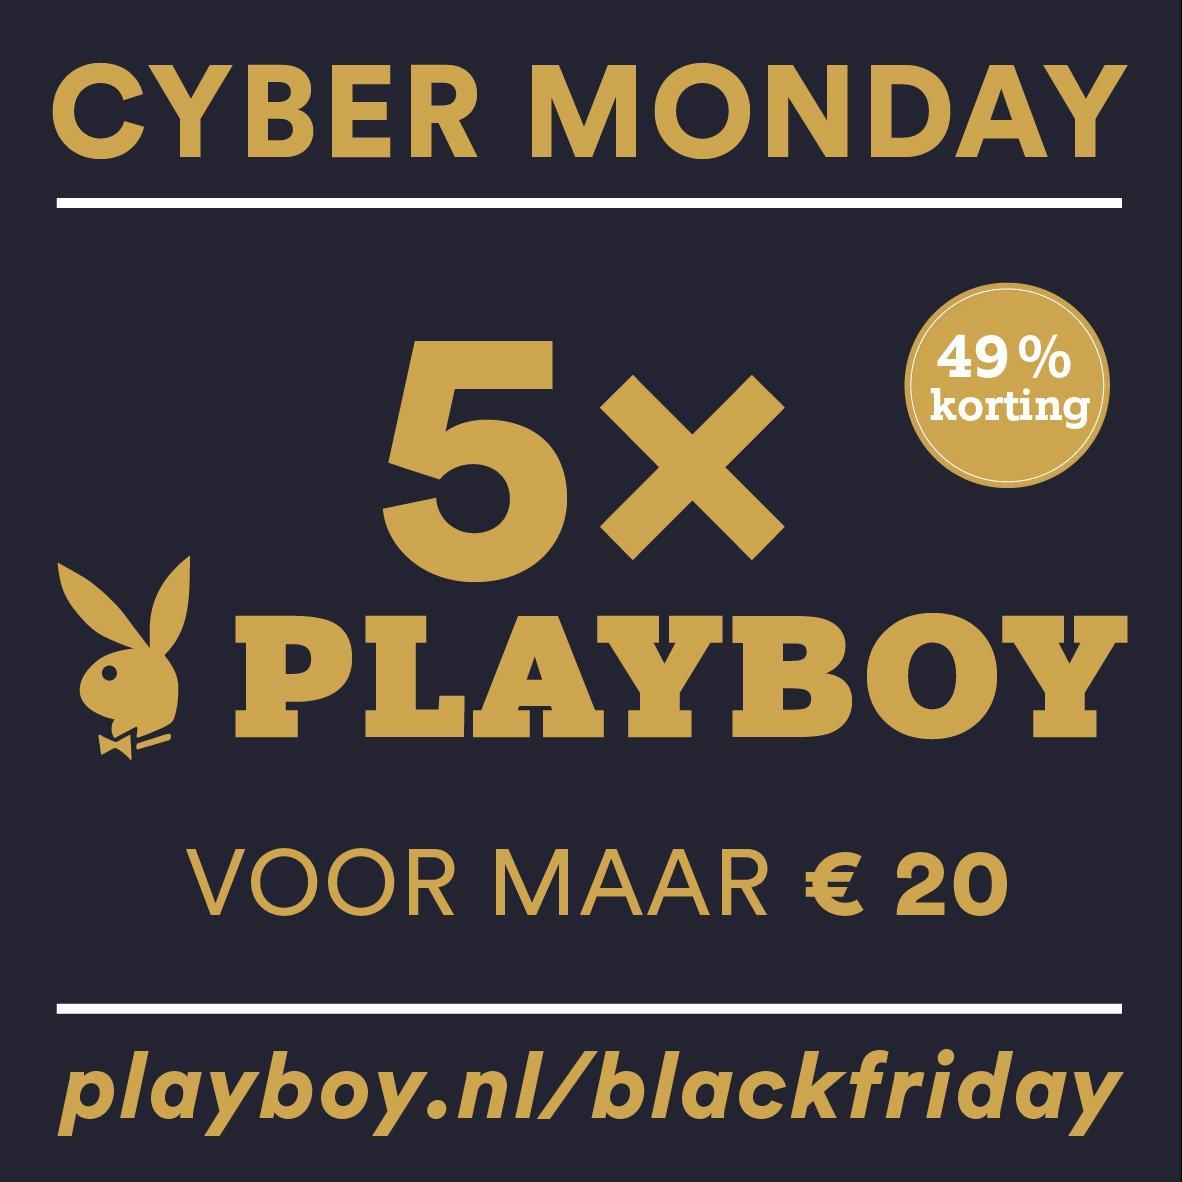 Uitgeshopt? Nee? Goed zo! Scoor nu 5 keer Playboy voor maar €20! https://t.co/zySw3LXqZB